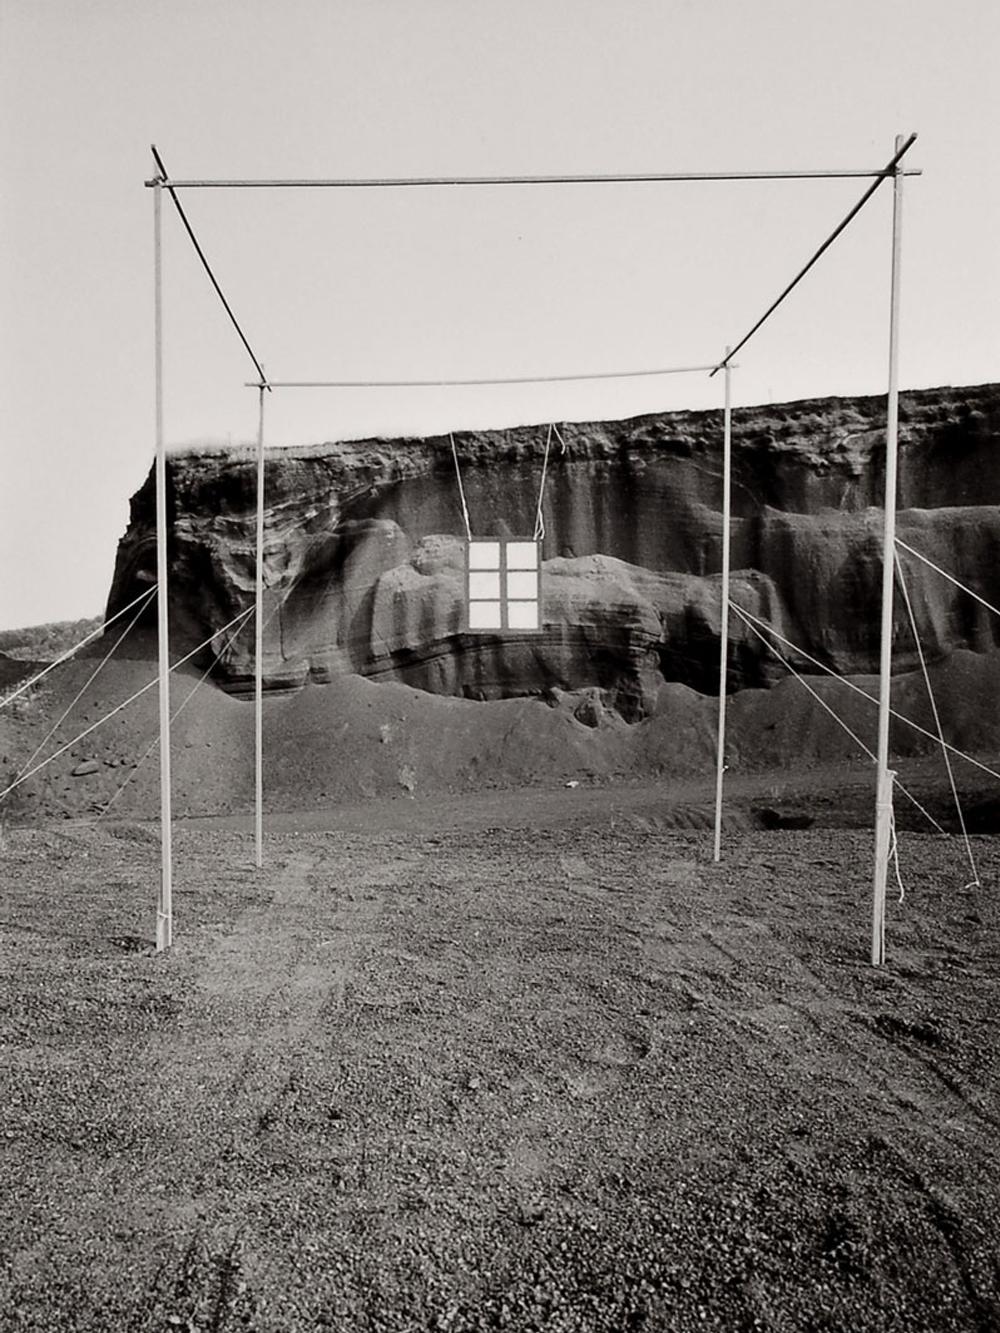 Ettore Sottsass Metaphors 1973